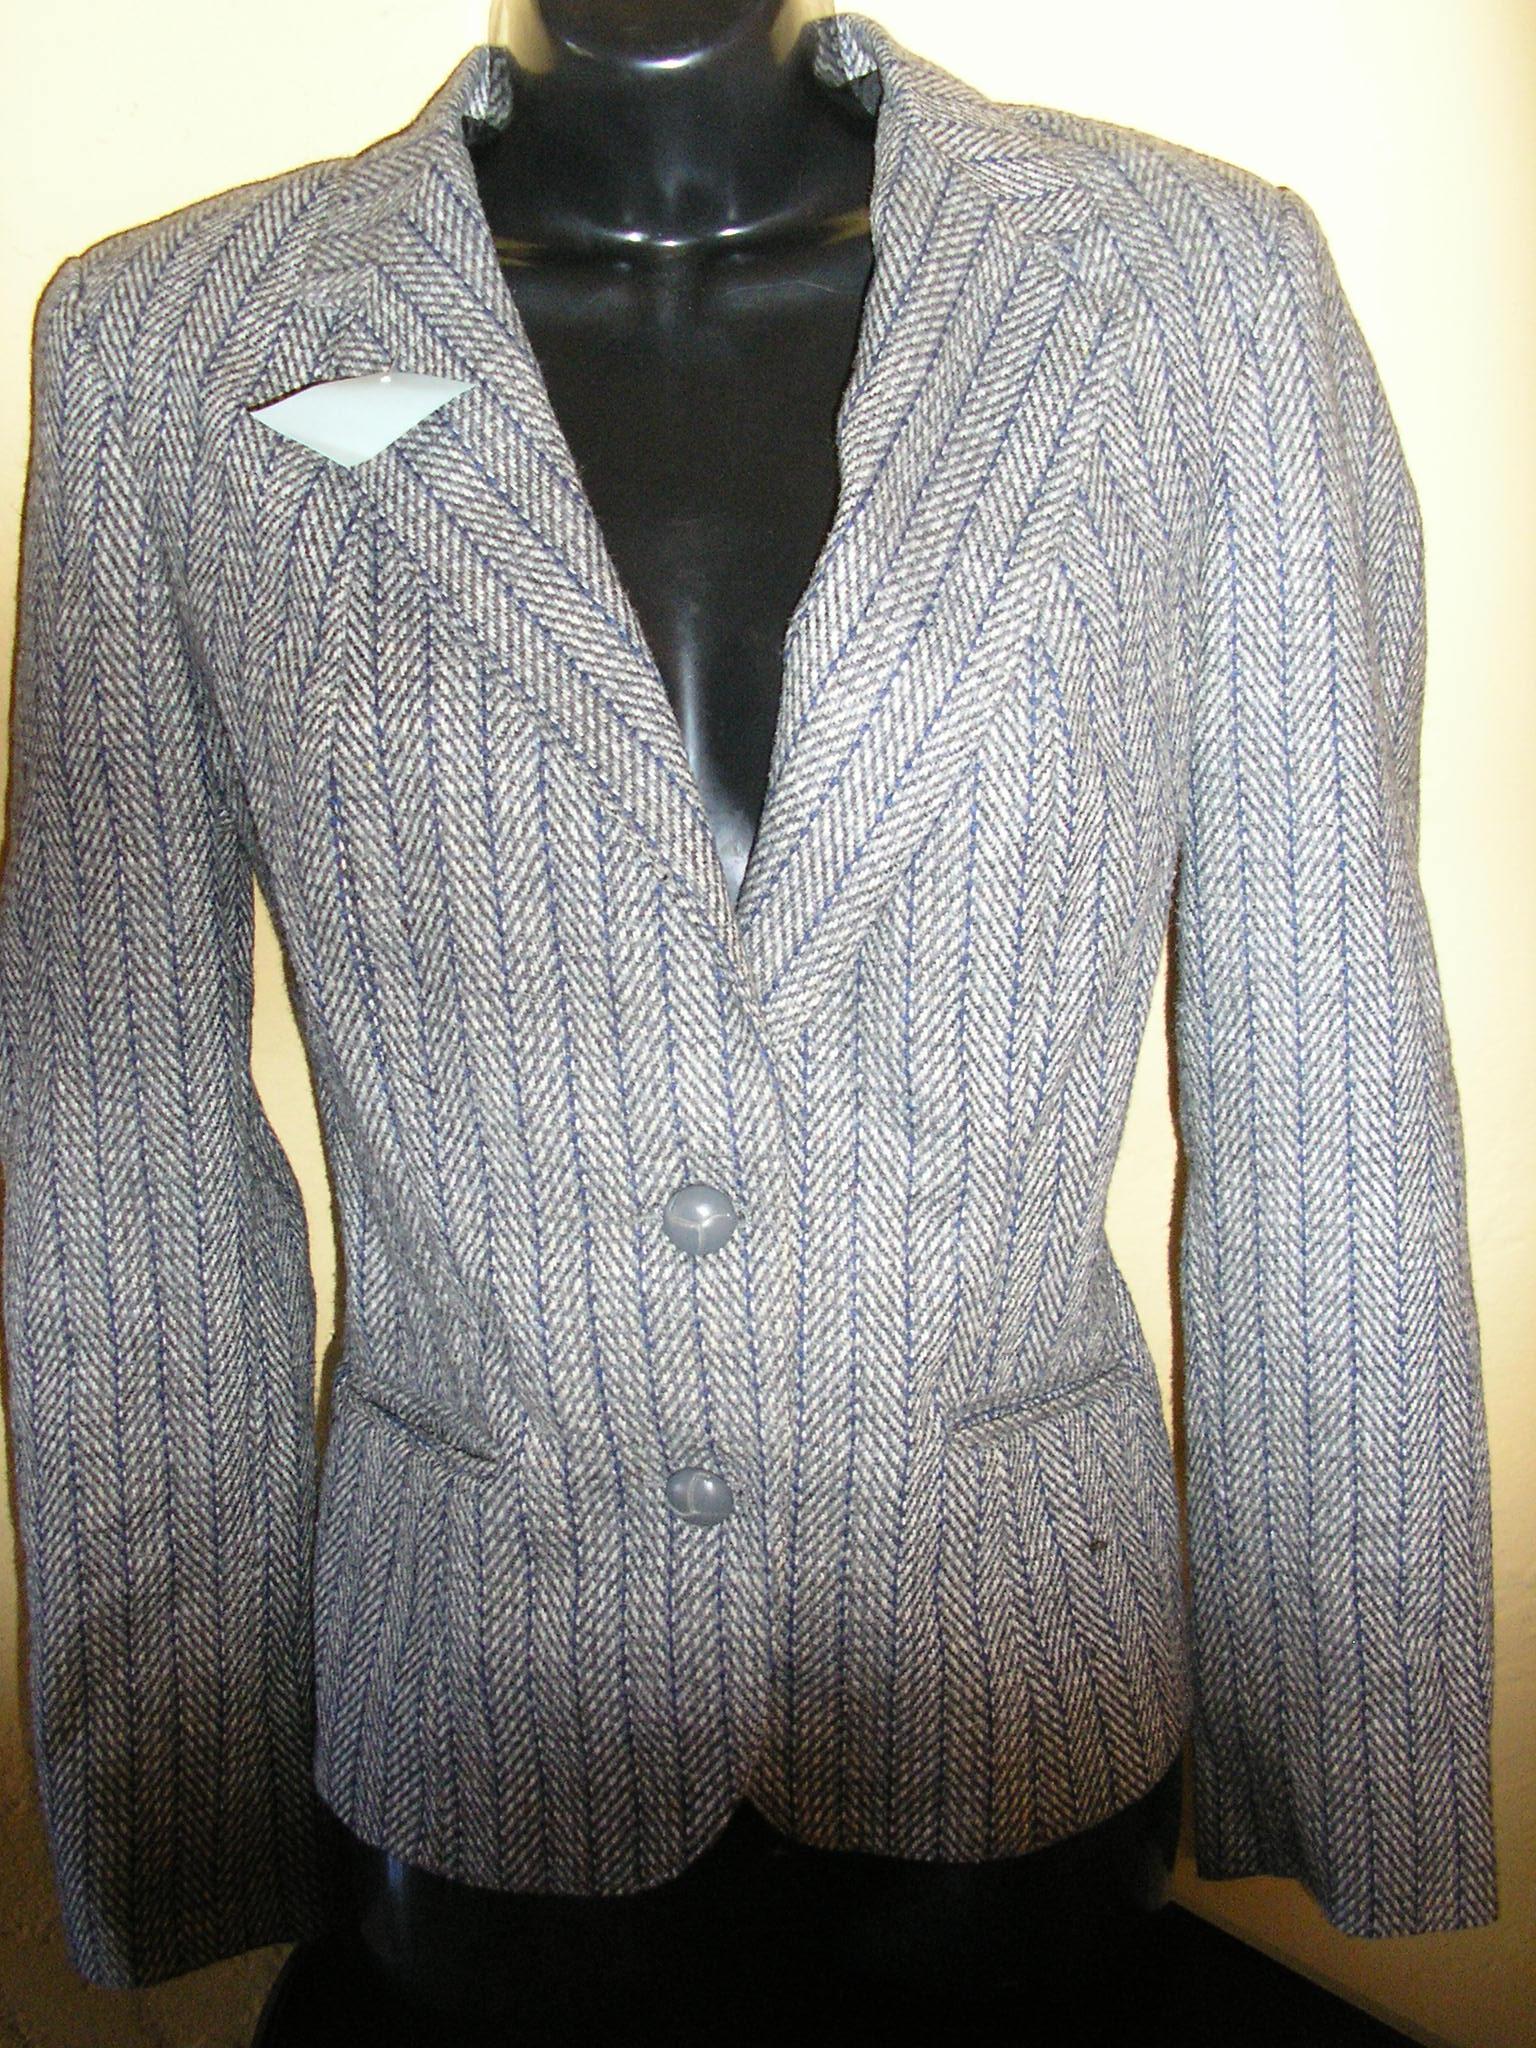 1970s grey wool herringbone navy pinstripe suit sz